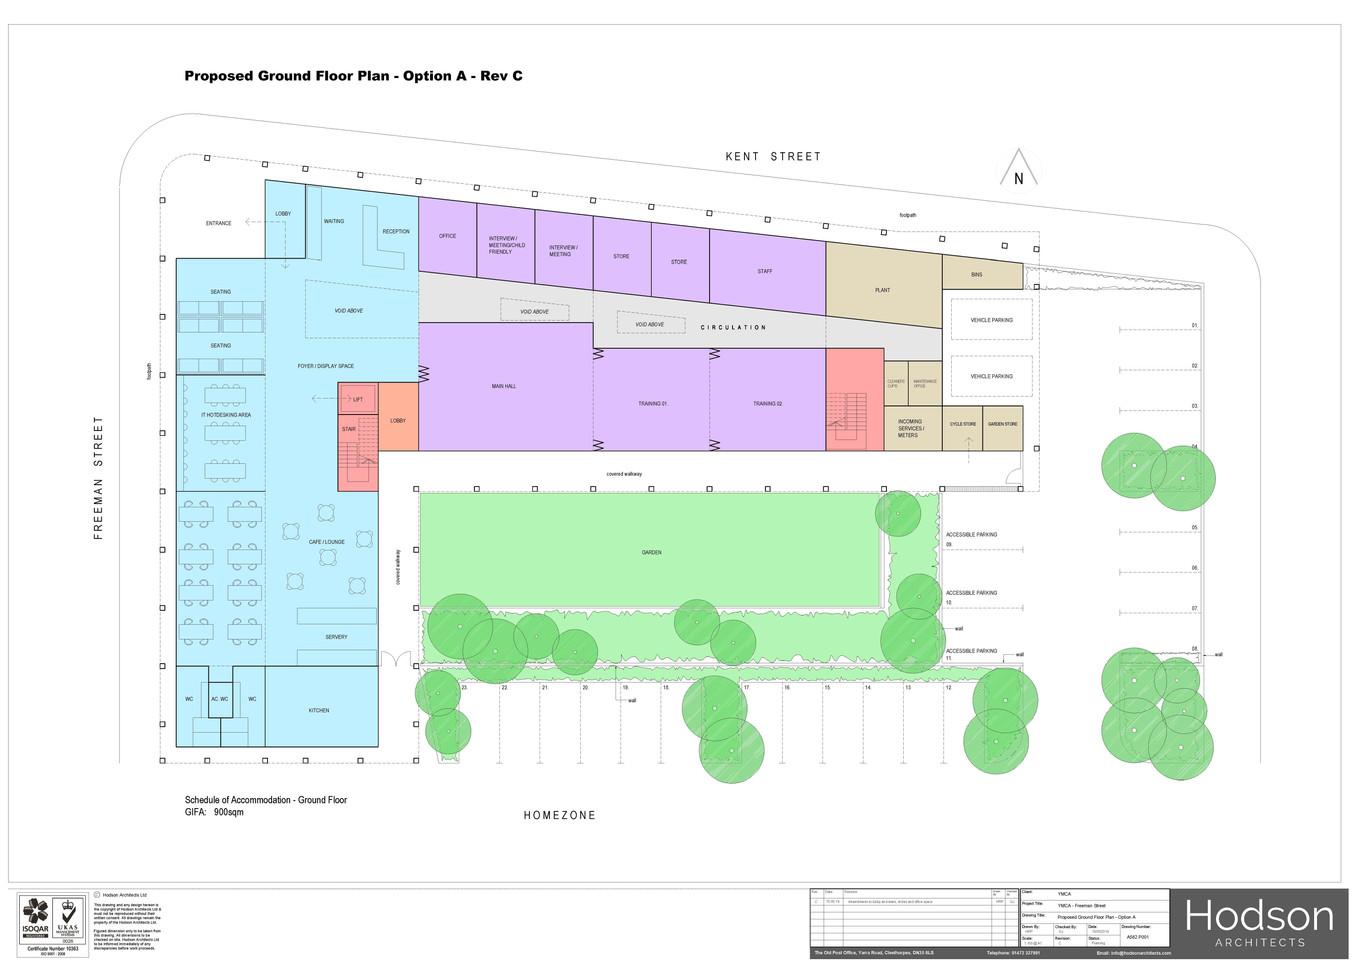 582_Block Plan_REVC_GF x.jpg